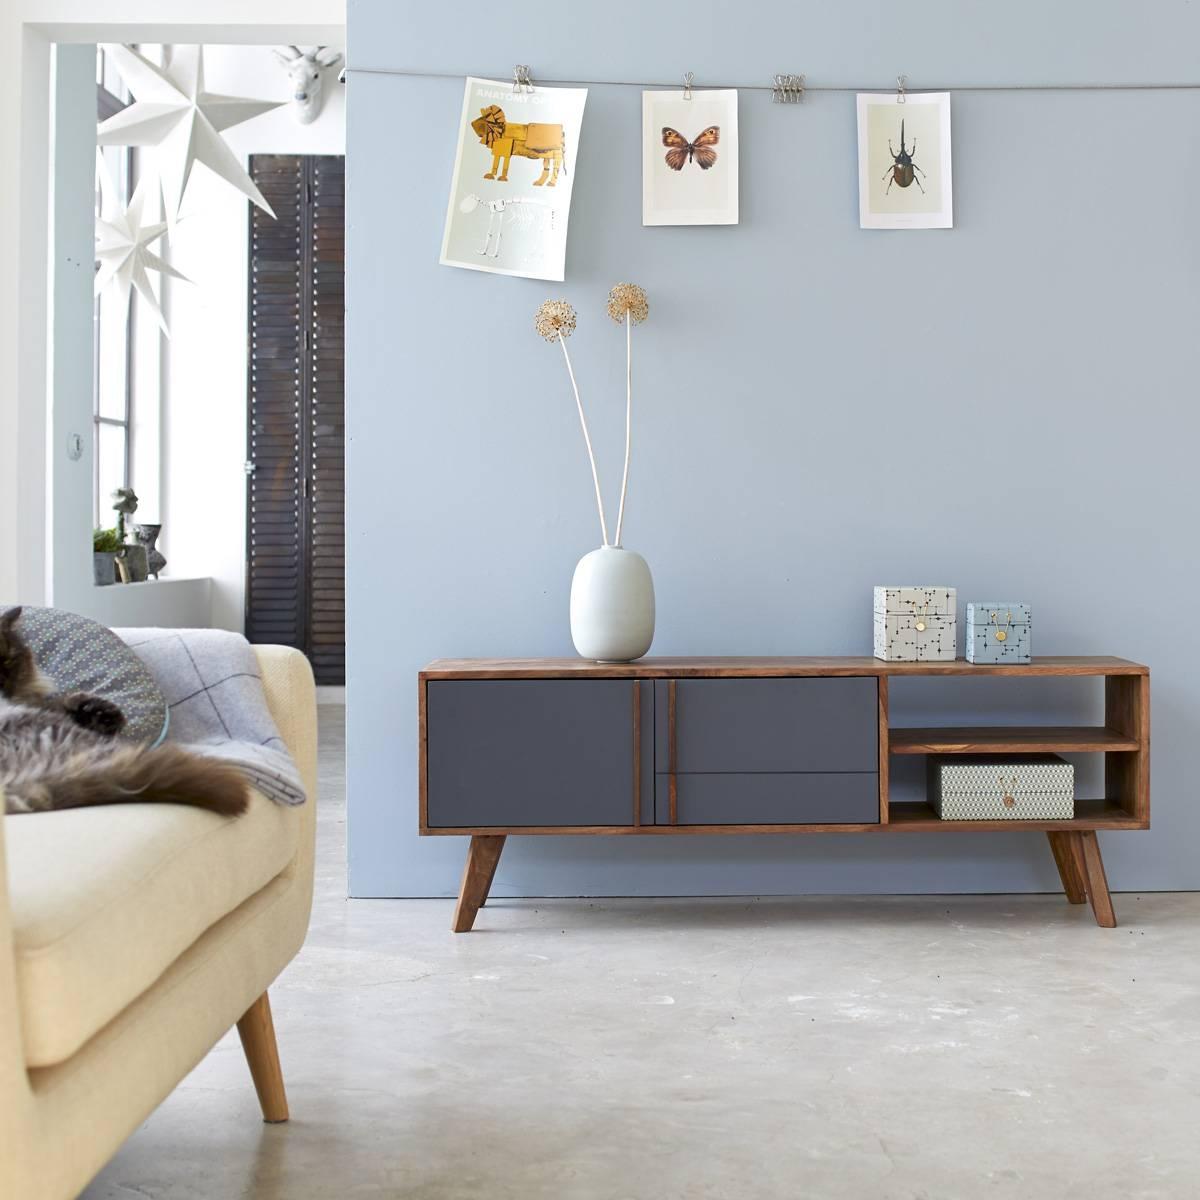 Solid Wood Tv Stands - Oak, Teak, Mahogany Tv Stands - Tikamoon regarding Scandinavian Design Tv Cabinets (Image 13 of 15)